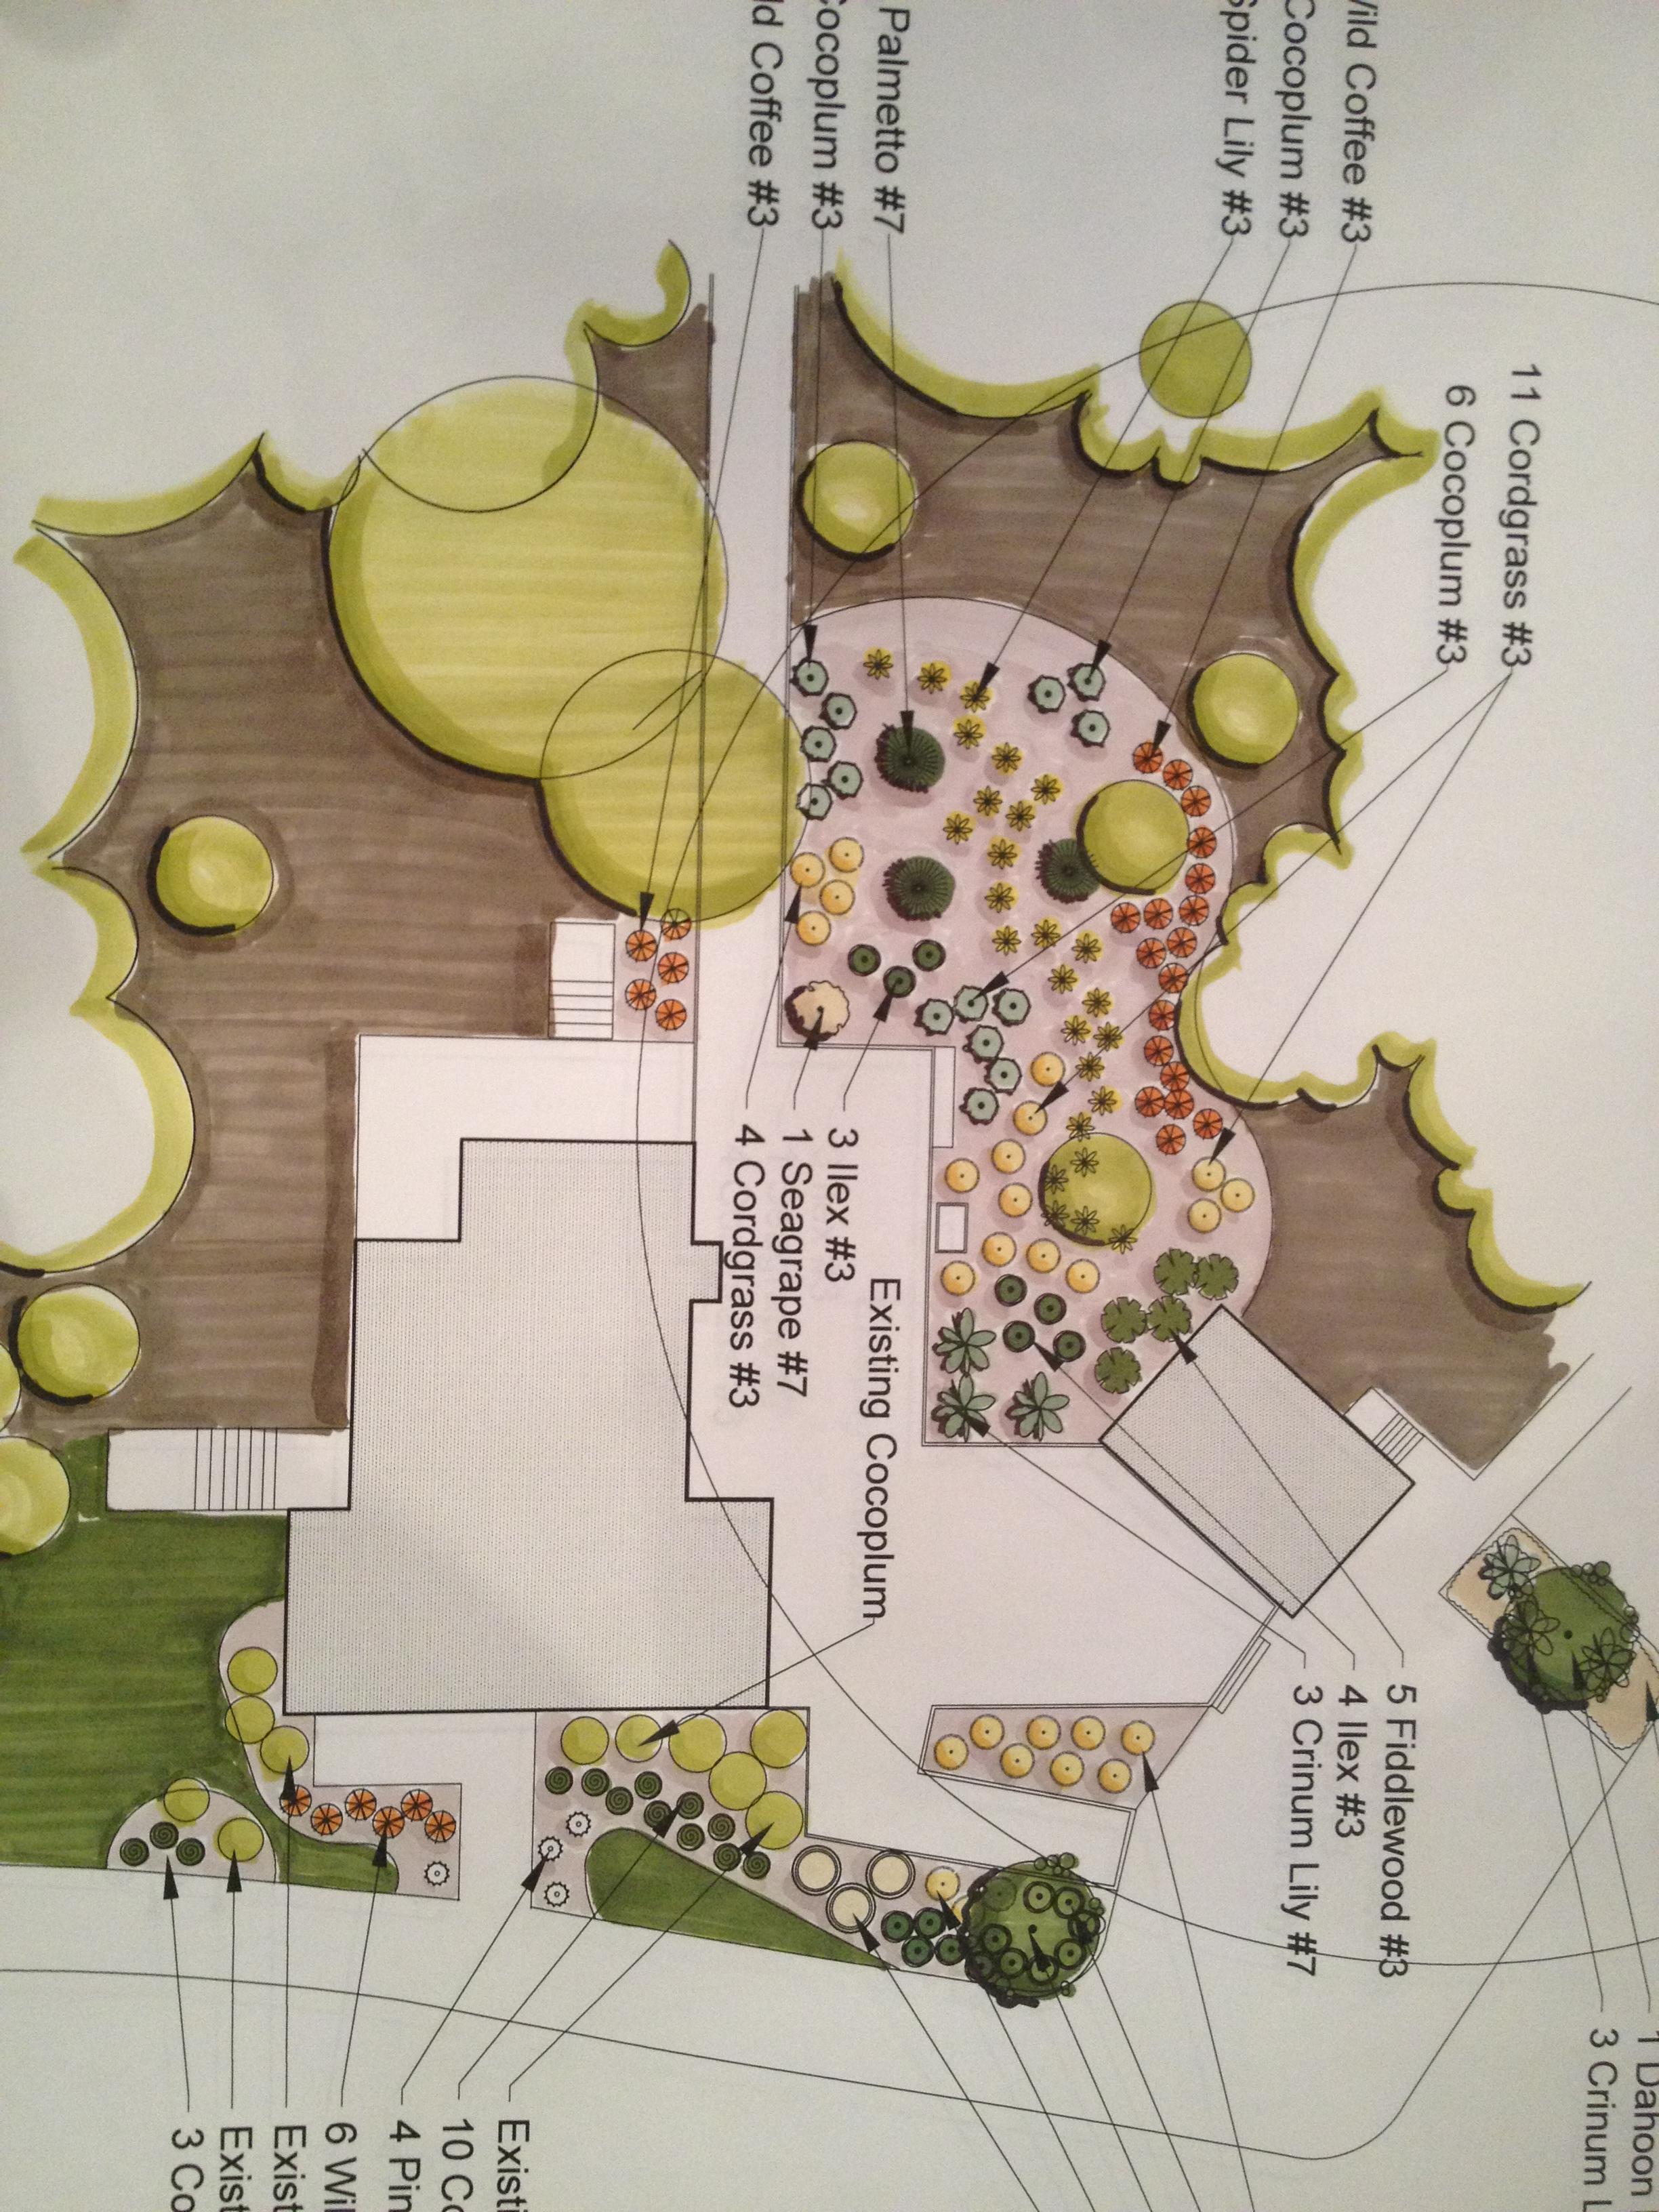 Tag/landscape Design Concept Plans